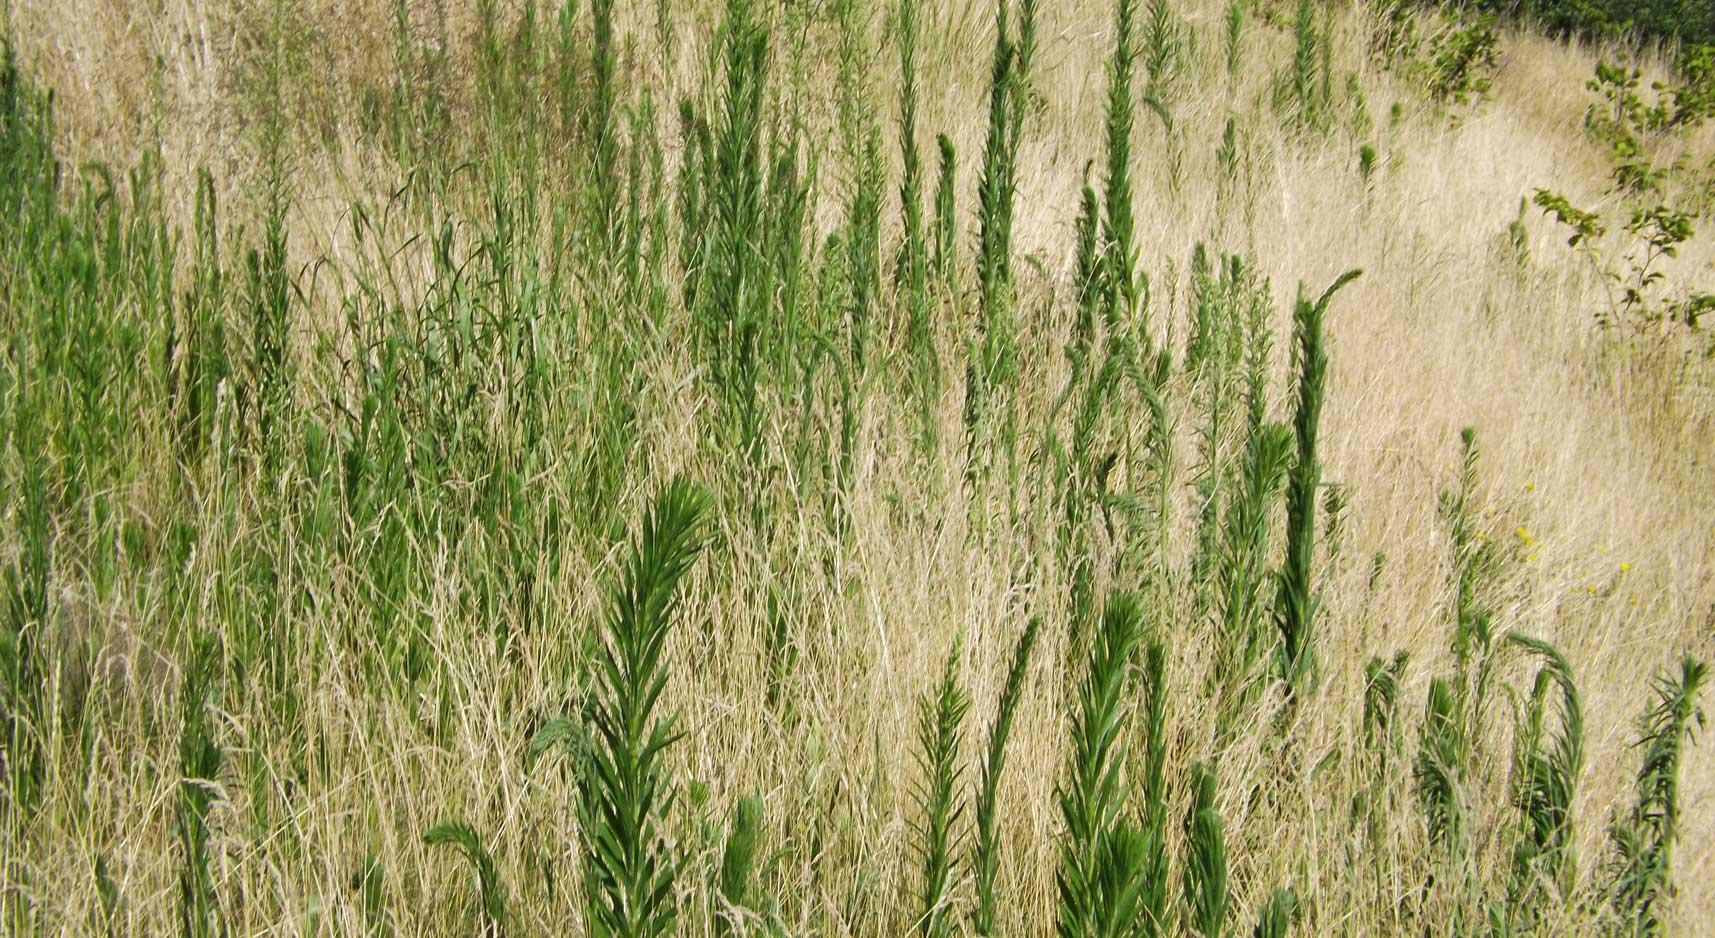 BrandeisSciCtr_grass.jpg